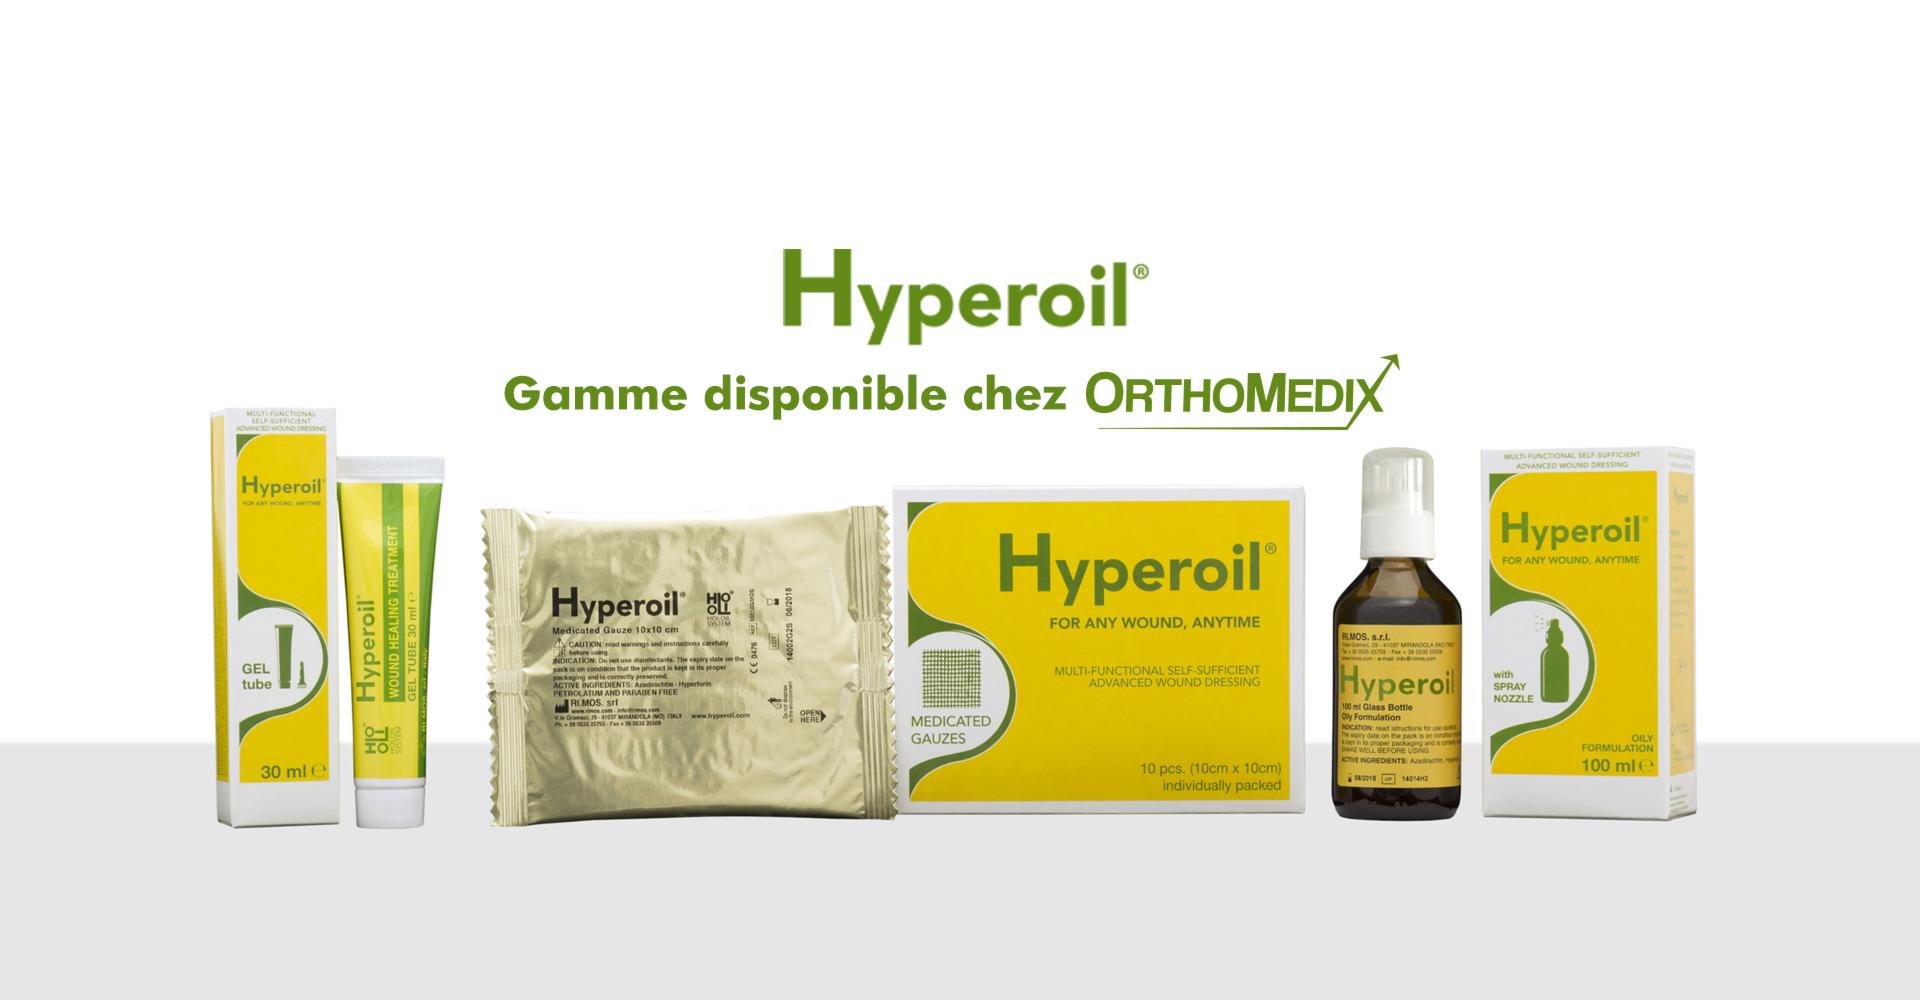 diapo4-hyperoil